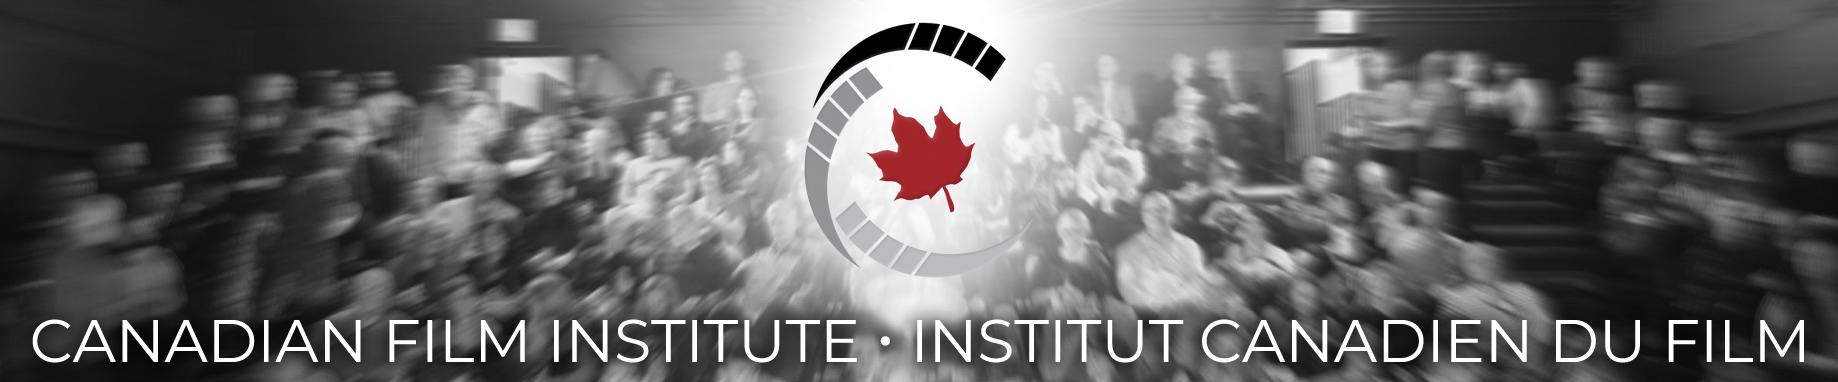 Canadian Film Institute